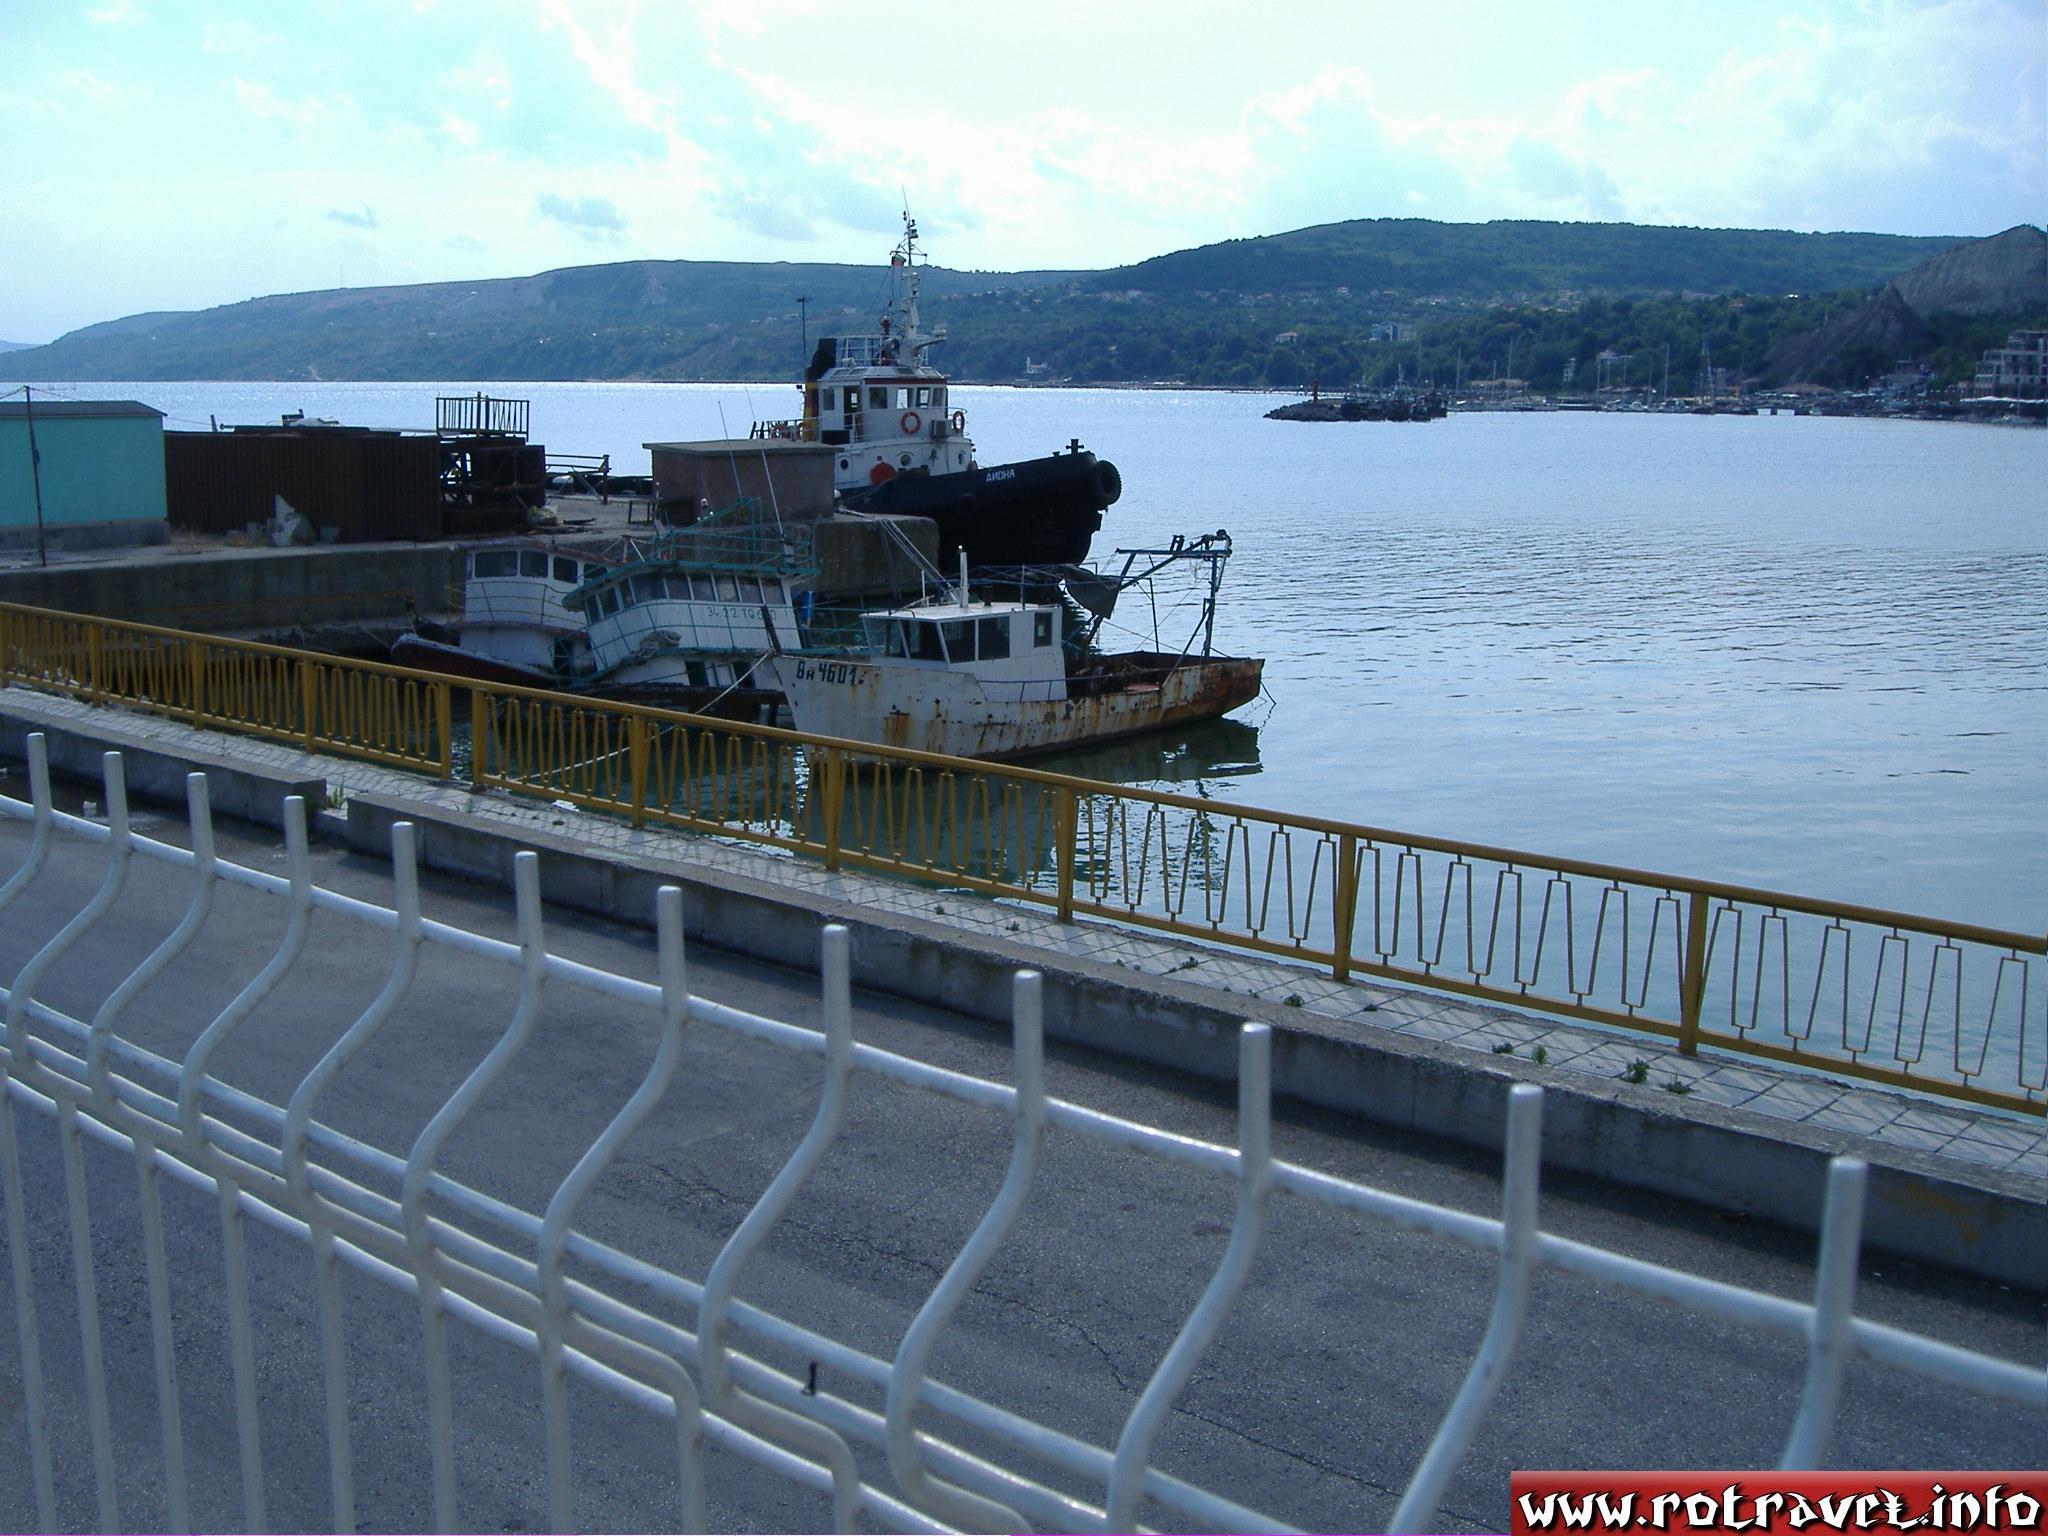 Ships near to the pontoon